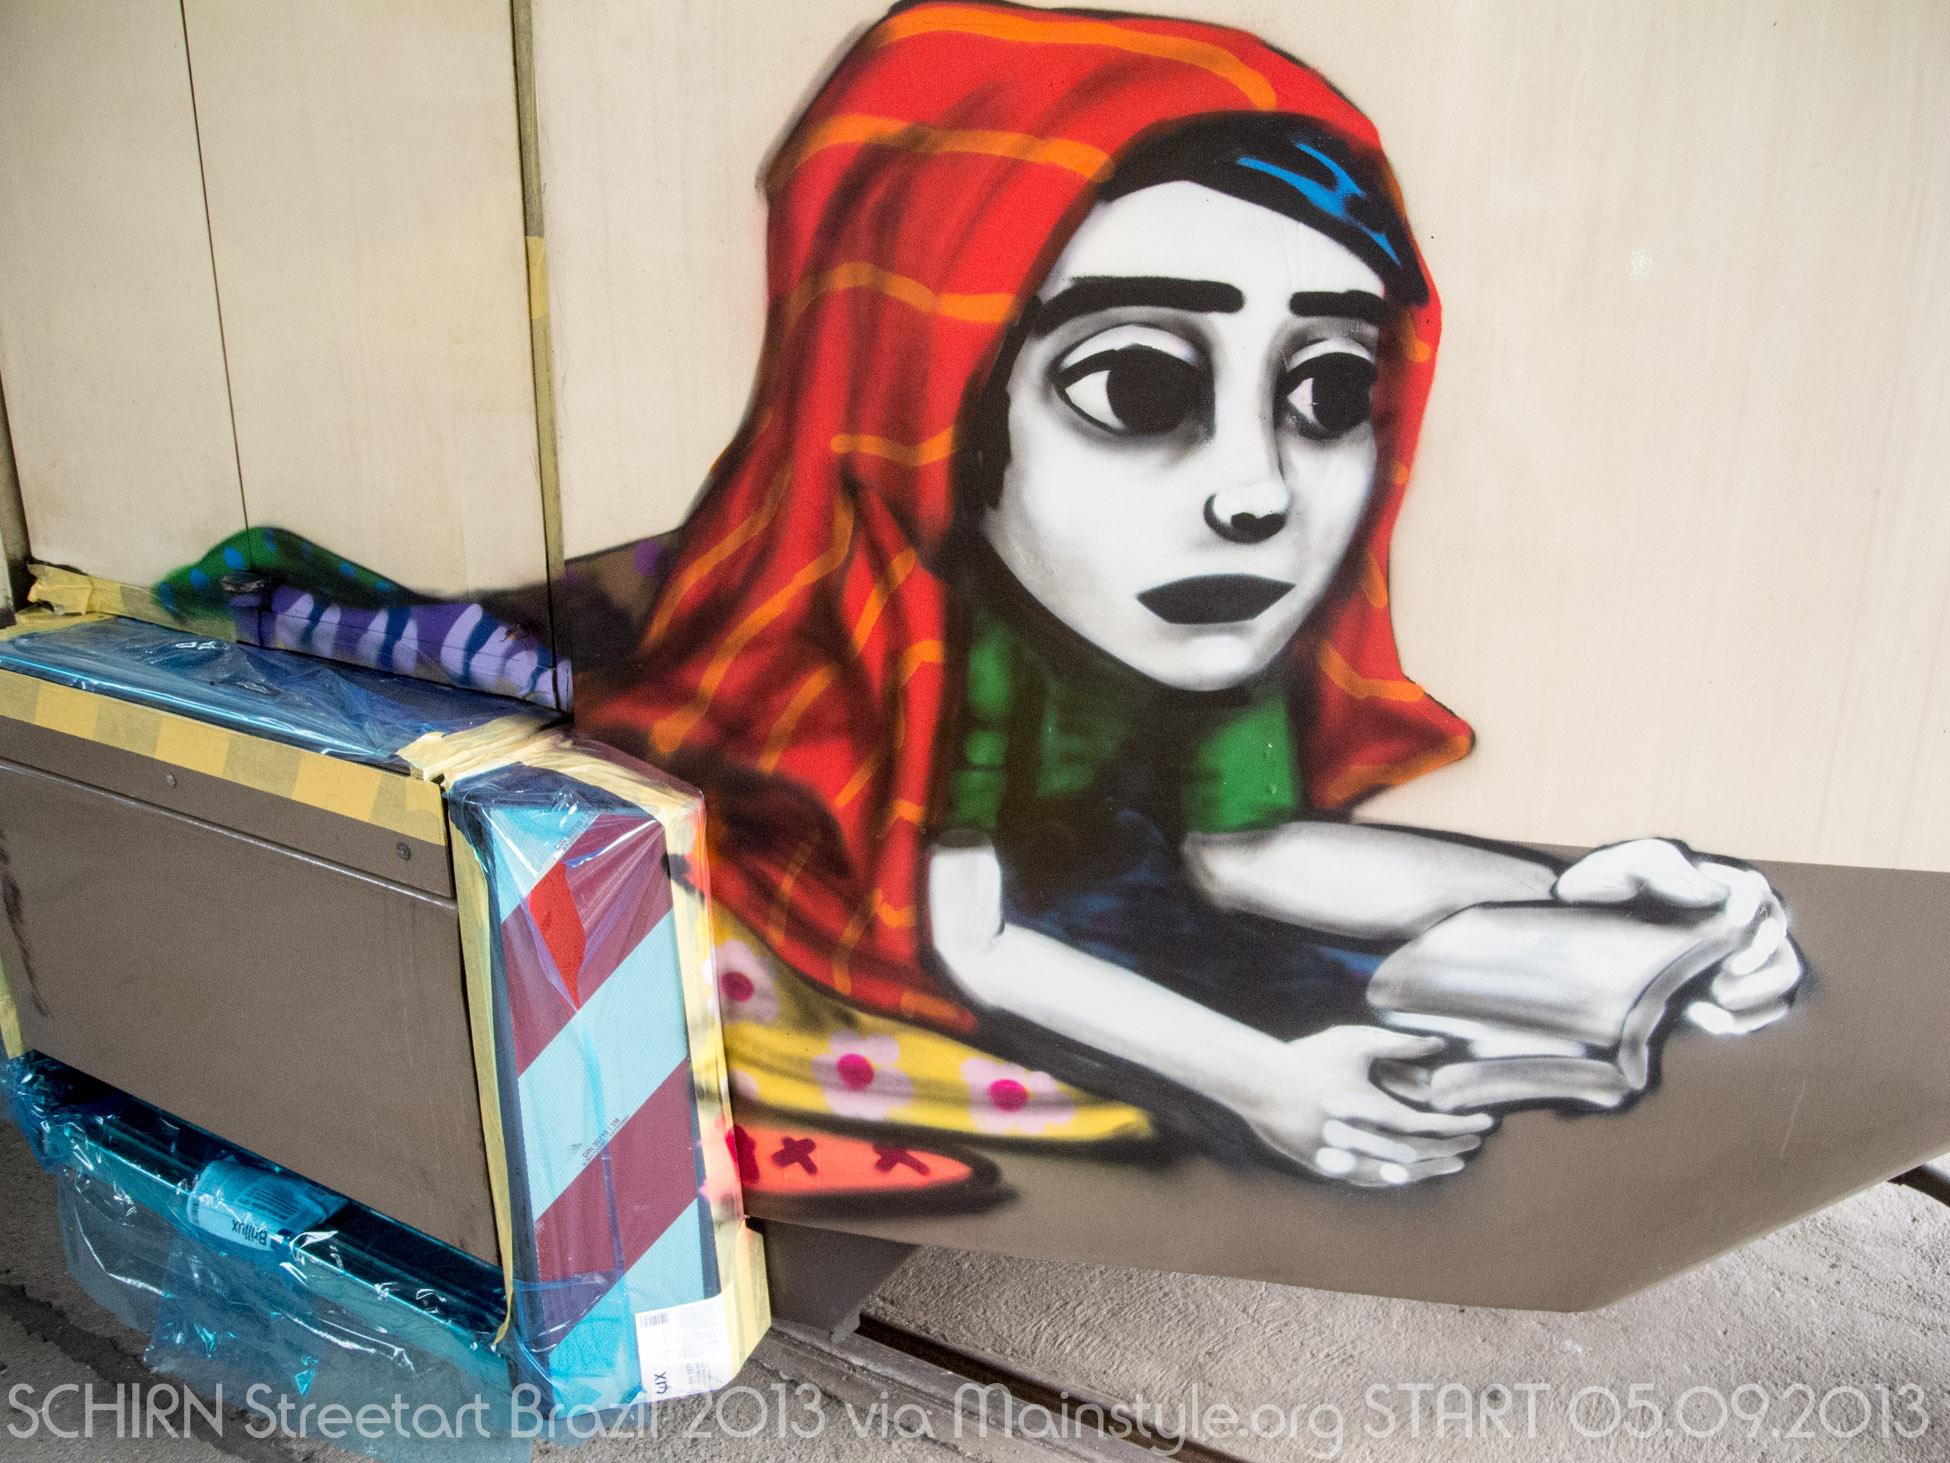 Streetart Brazil SCHIRN Frankfurt 2013_ (14 von 25)